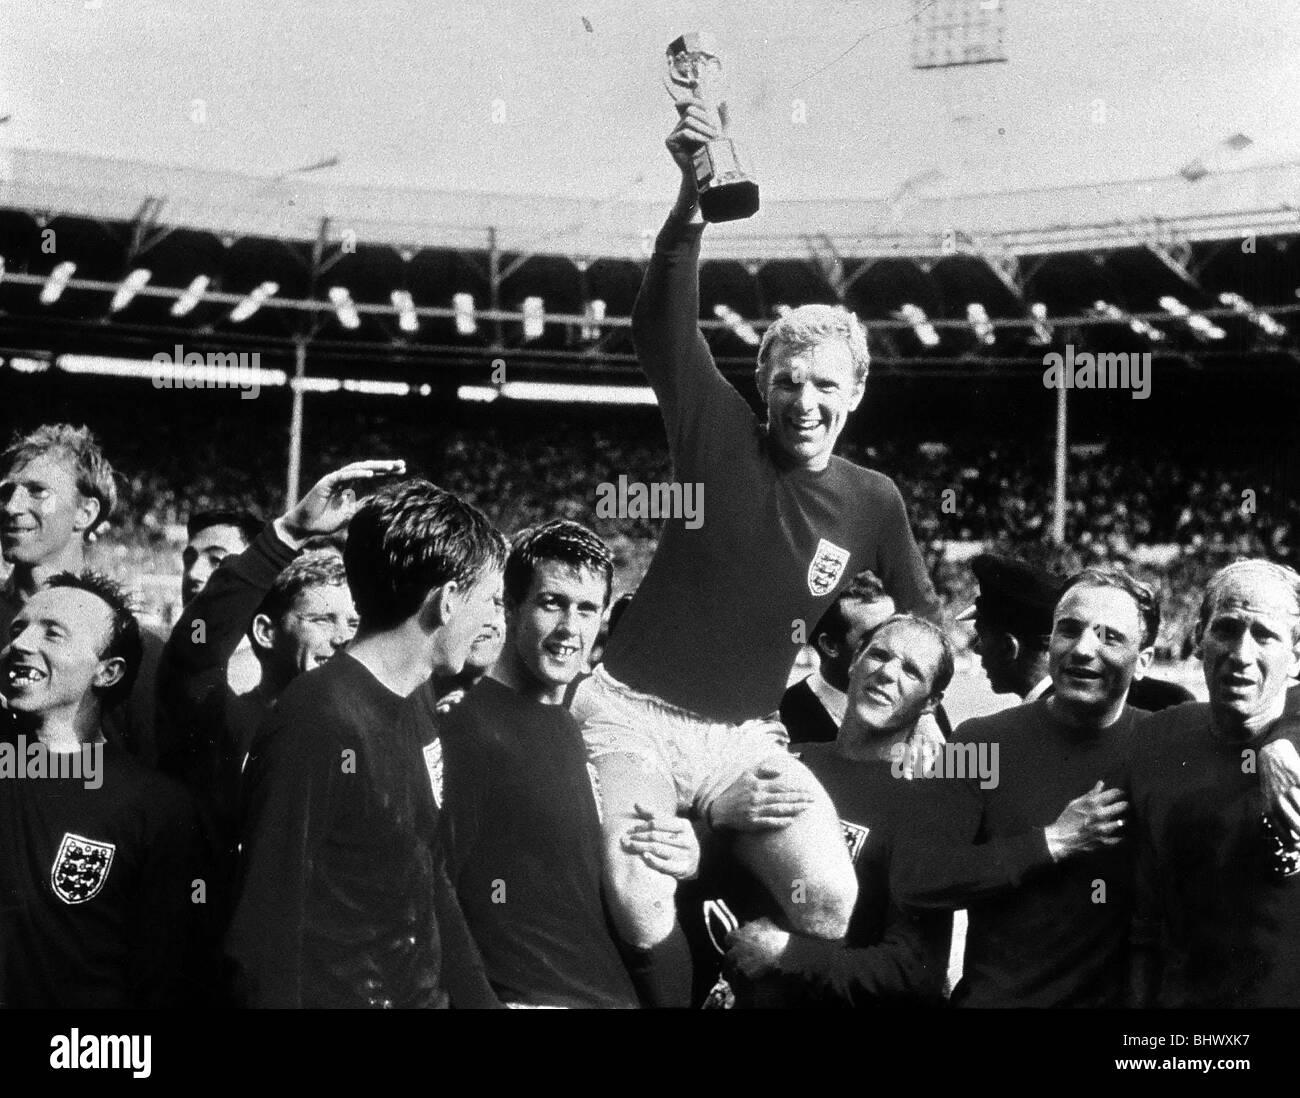 Final de la Copa Mundial de Julio de 1966 en el estadio de Wembley Inglaterra 4 v Alemania Occidental 2 después de un tiempo extra de Inglaterra el capitán Bobby Moore mantiene a flote el trofeo Jules Rimet como él está sentado sobre los hombros de sus compañeros después de ganar la Copa Mundial Foto de stock